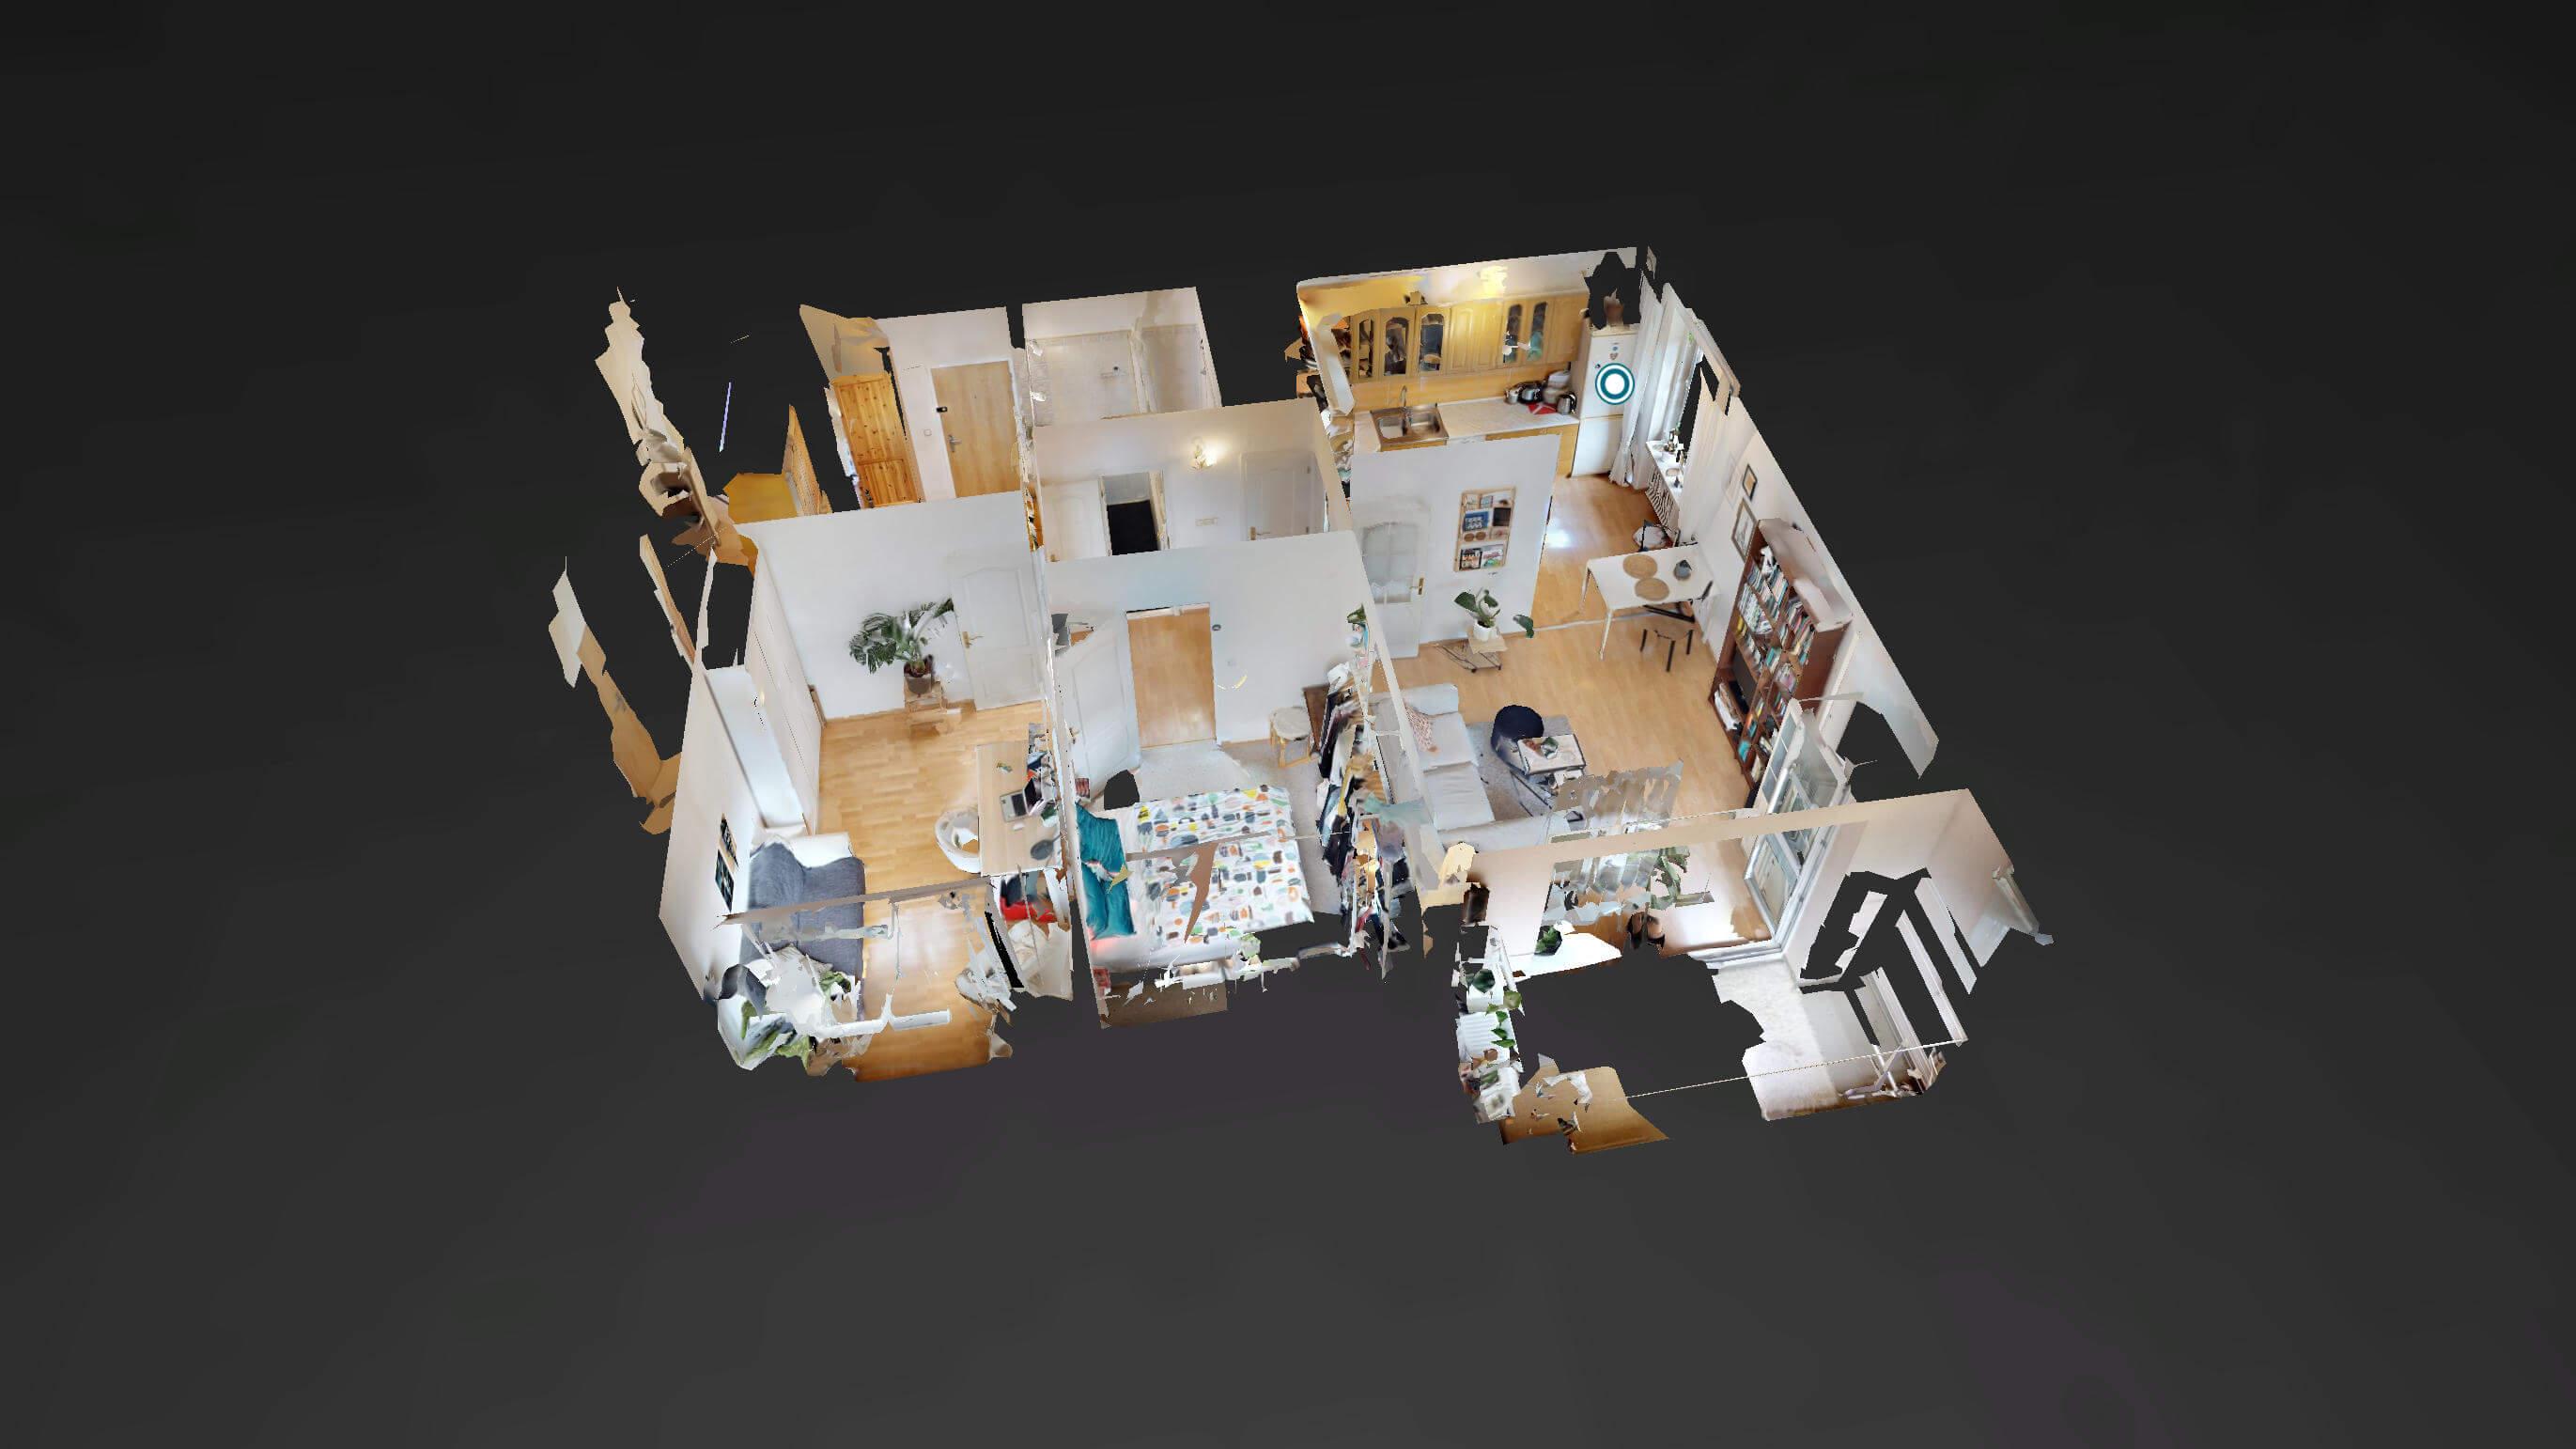 Predané Predaj exkluzívneho 3 izb. bytu,v Ružinove, ulica Palkovičová, blízko Trhoviska Miletičky v Bratislave, 68m2, kompletne zariadený-39